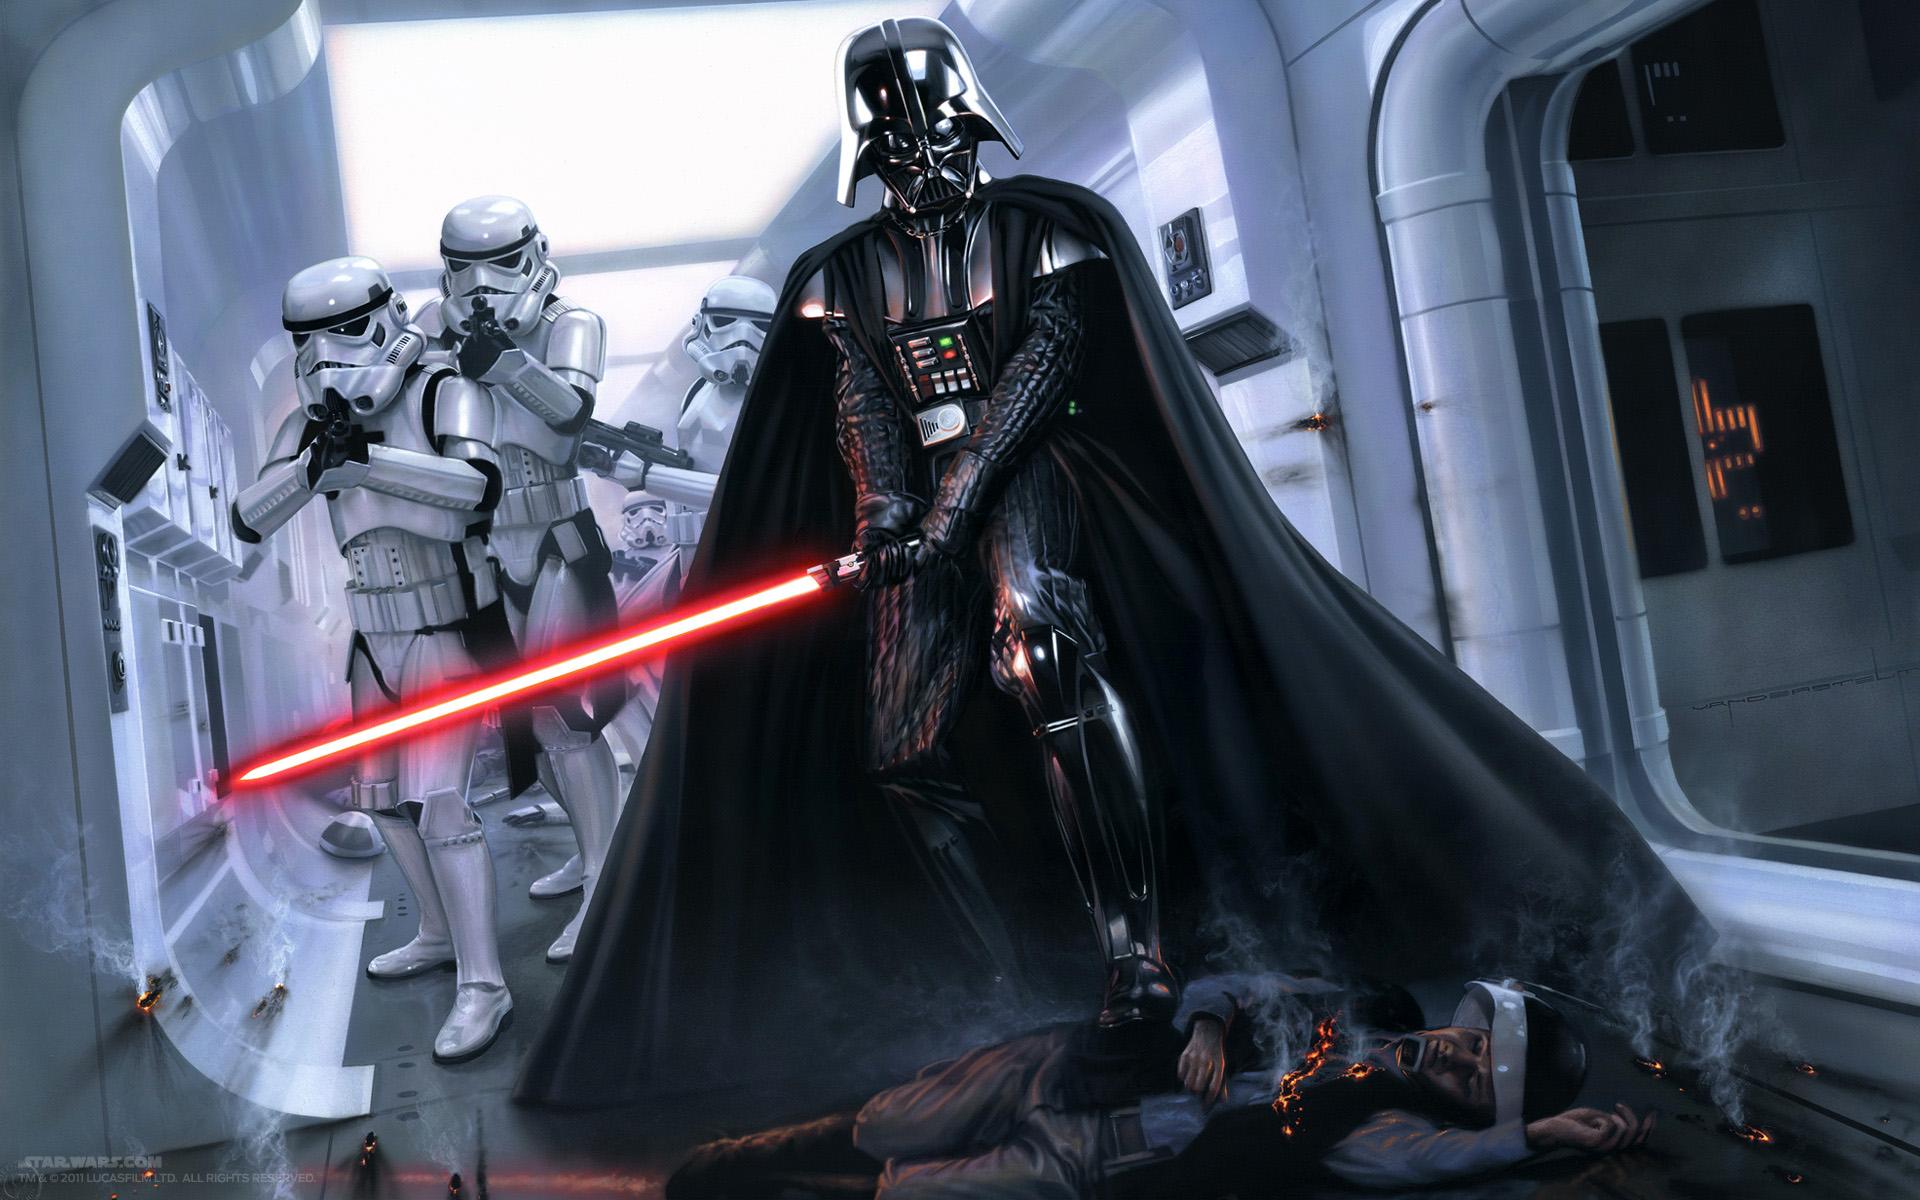 Darth Vader podría aparecer en Rogue One: A Star Wars Story